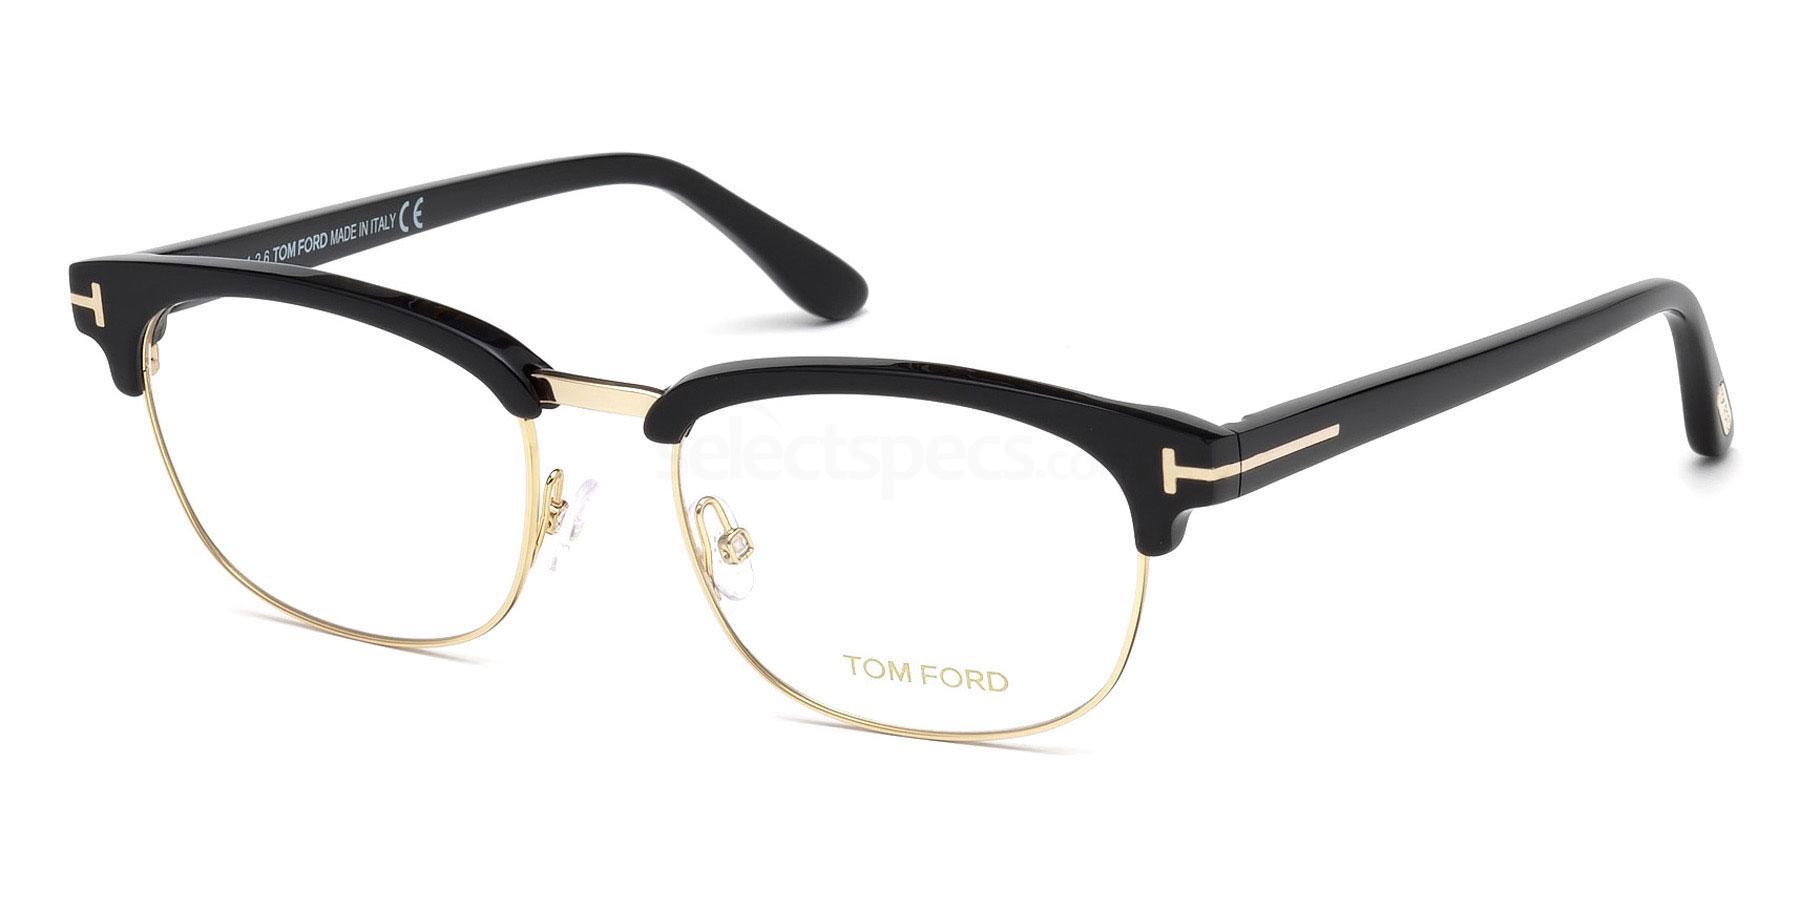 001 FT5458 Glasses, Tom Ford